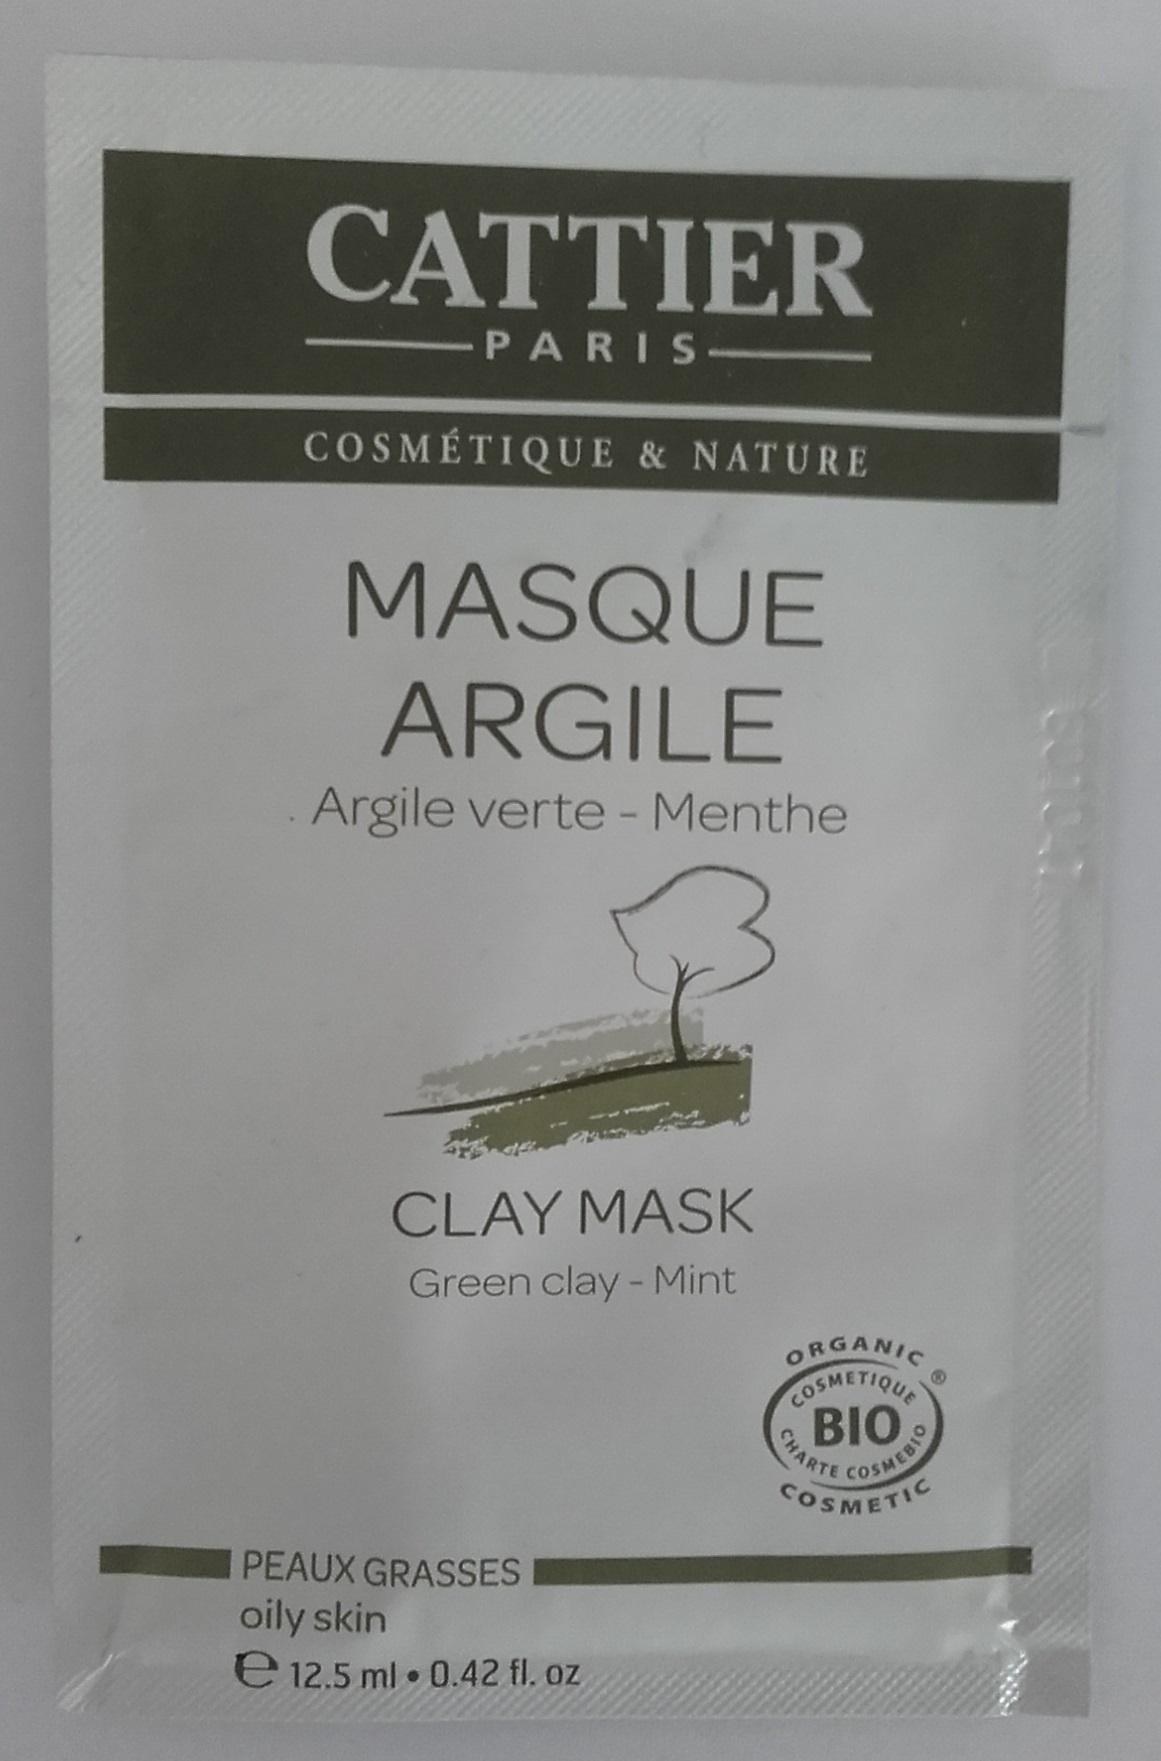 Masque Argile - Argile verte Menthe - Produit - fr